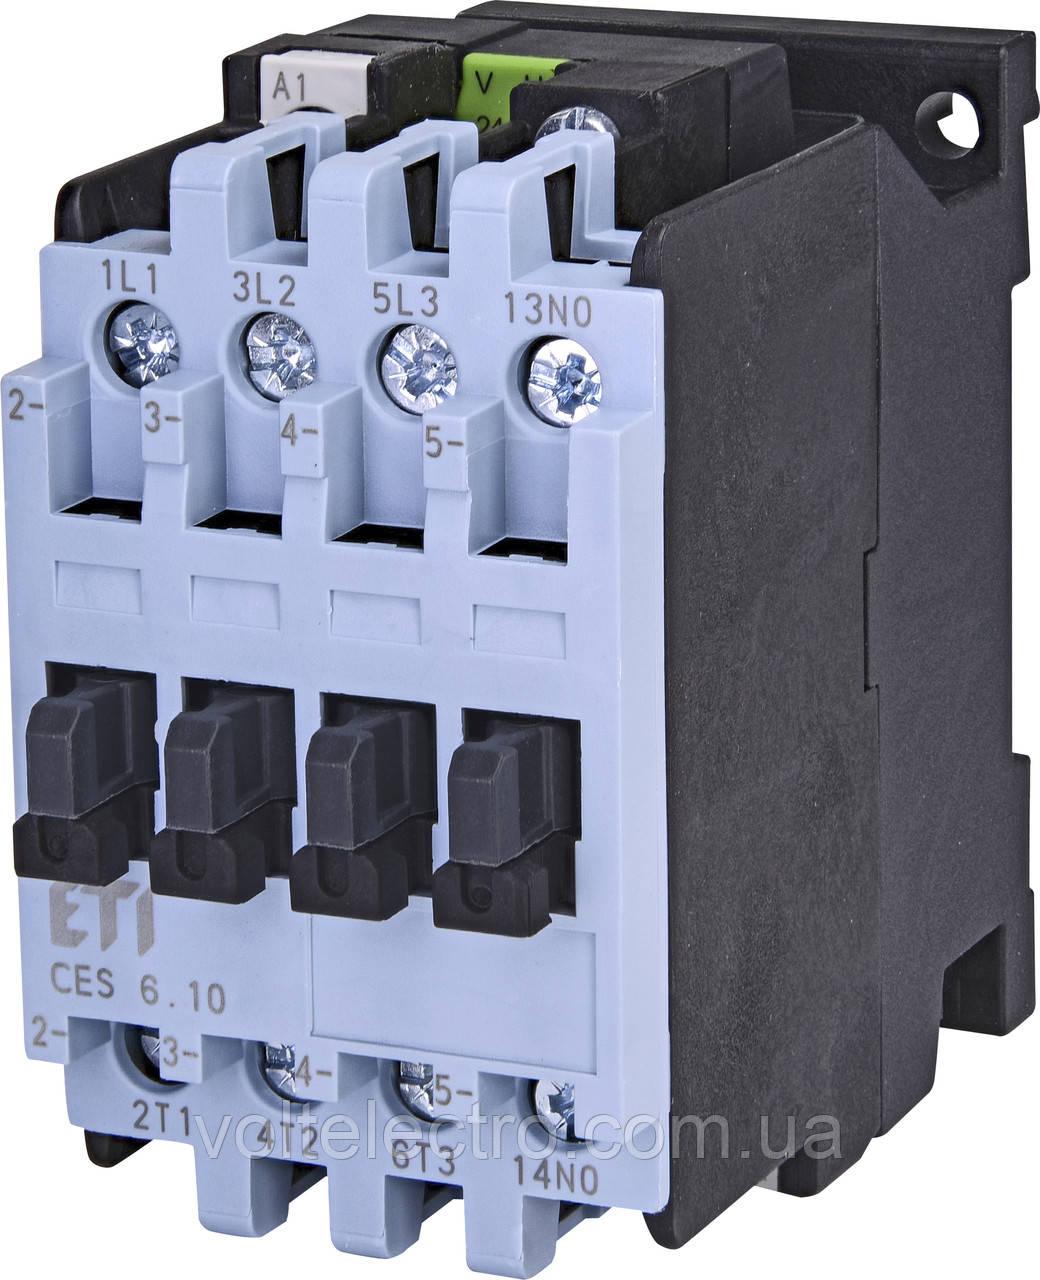 Контактор CES 6.01-230V-50/60Hz